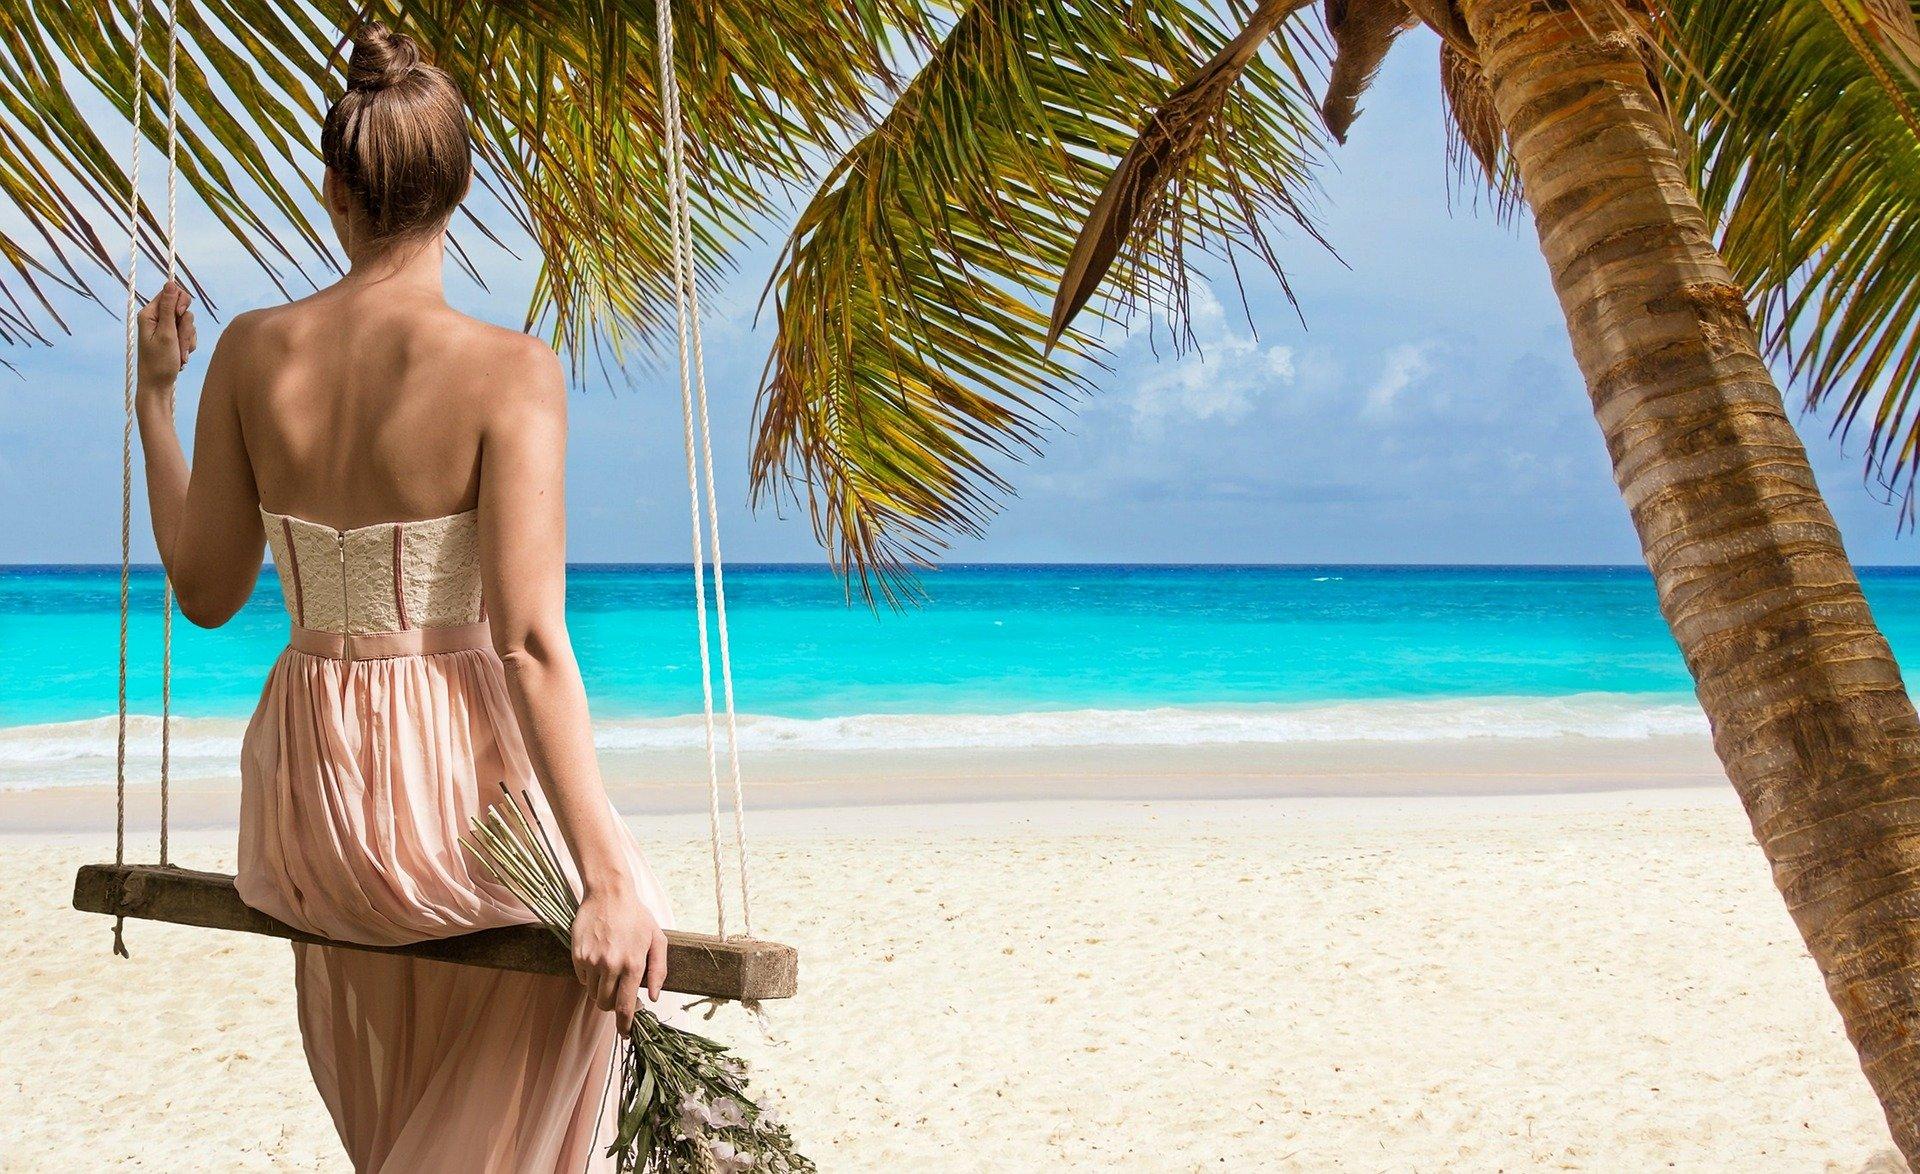 beach-2858720_1920